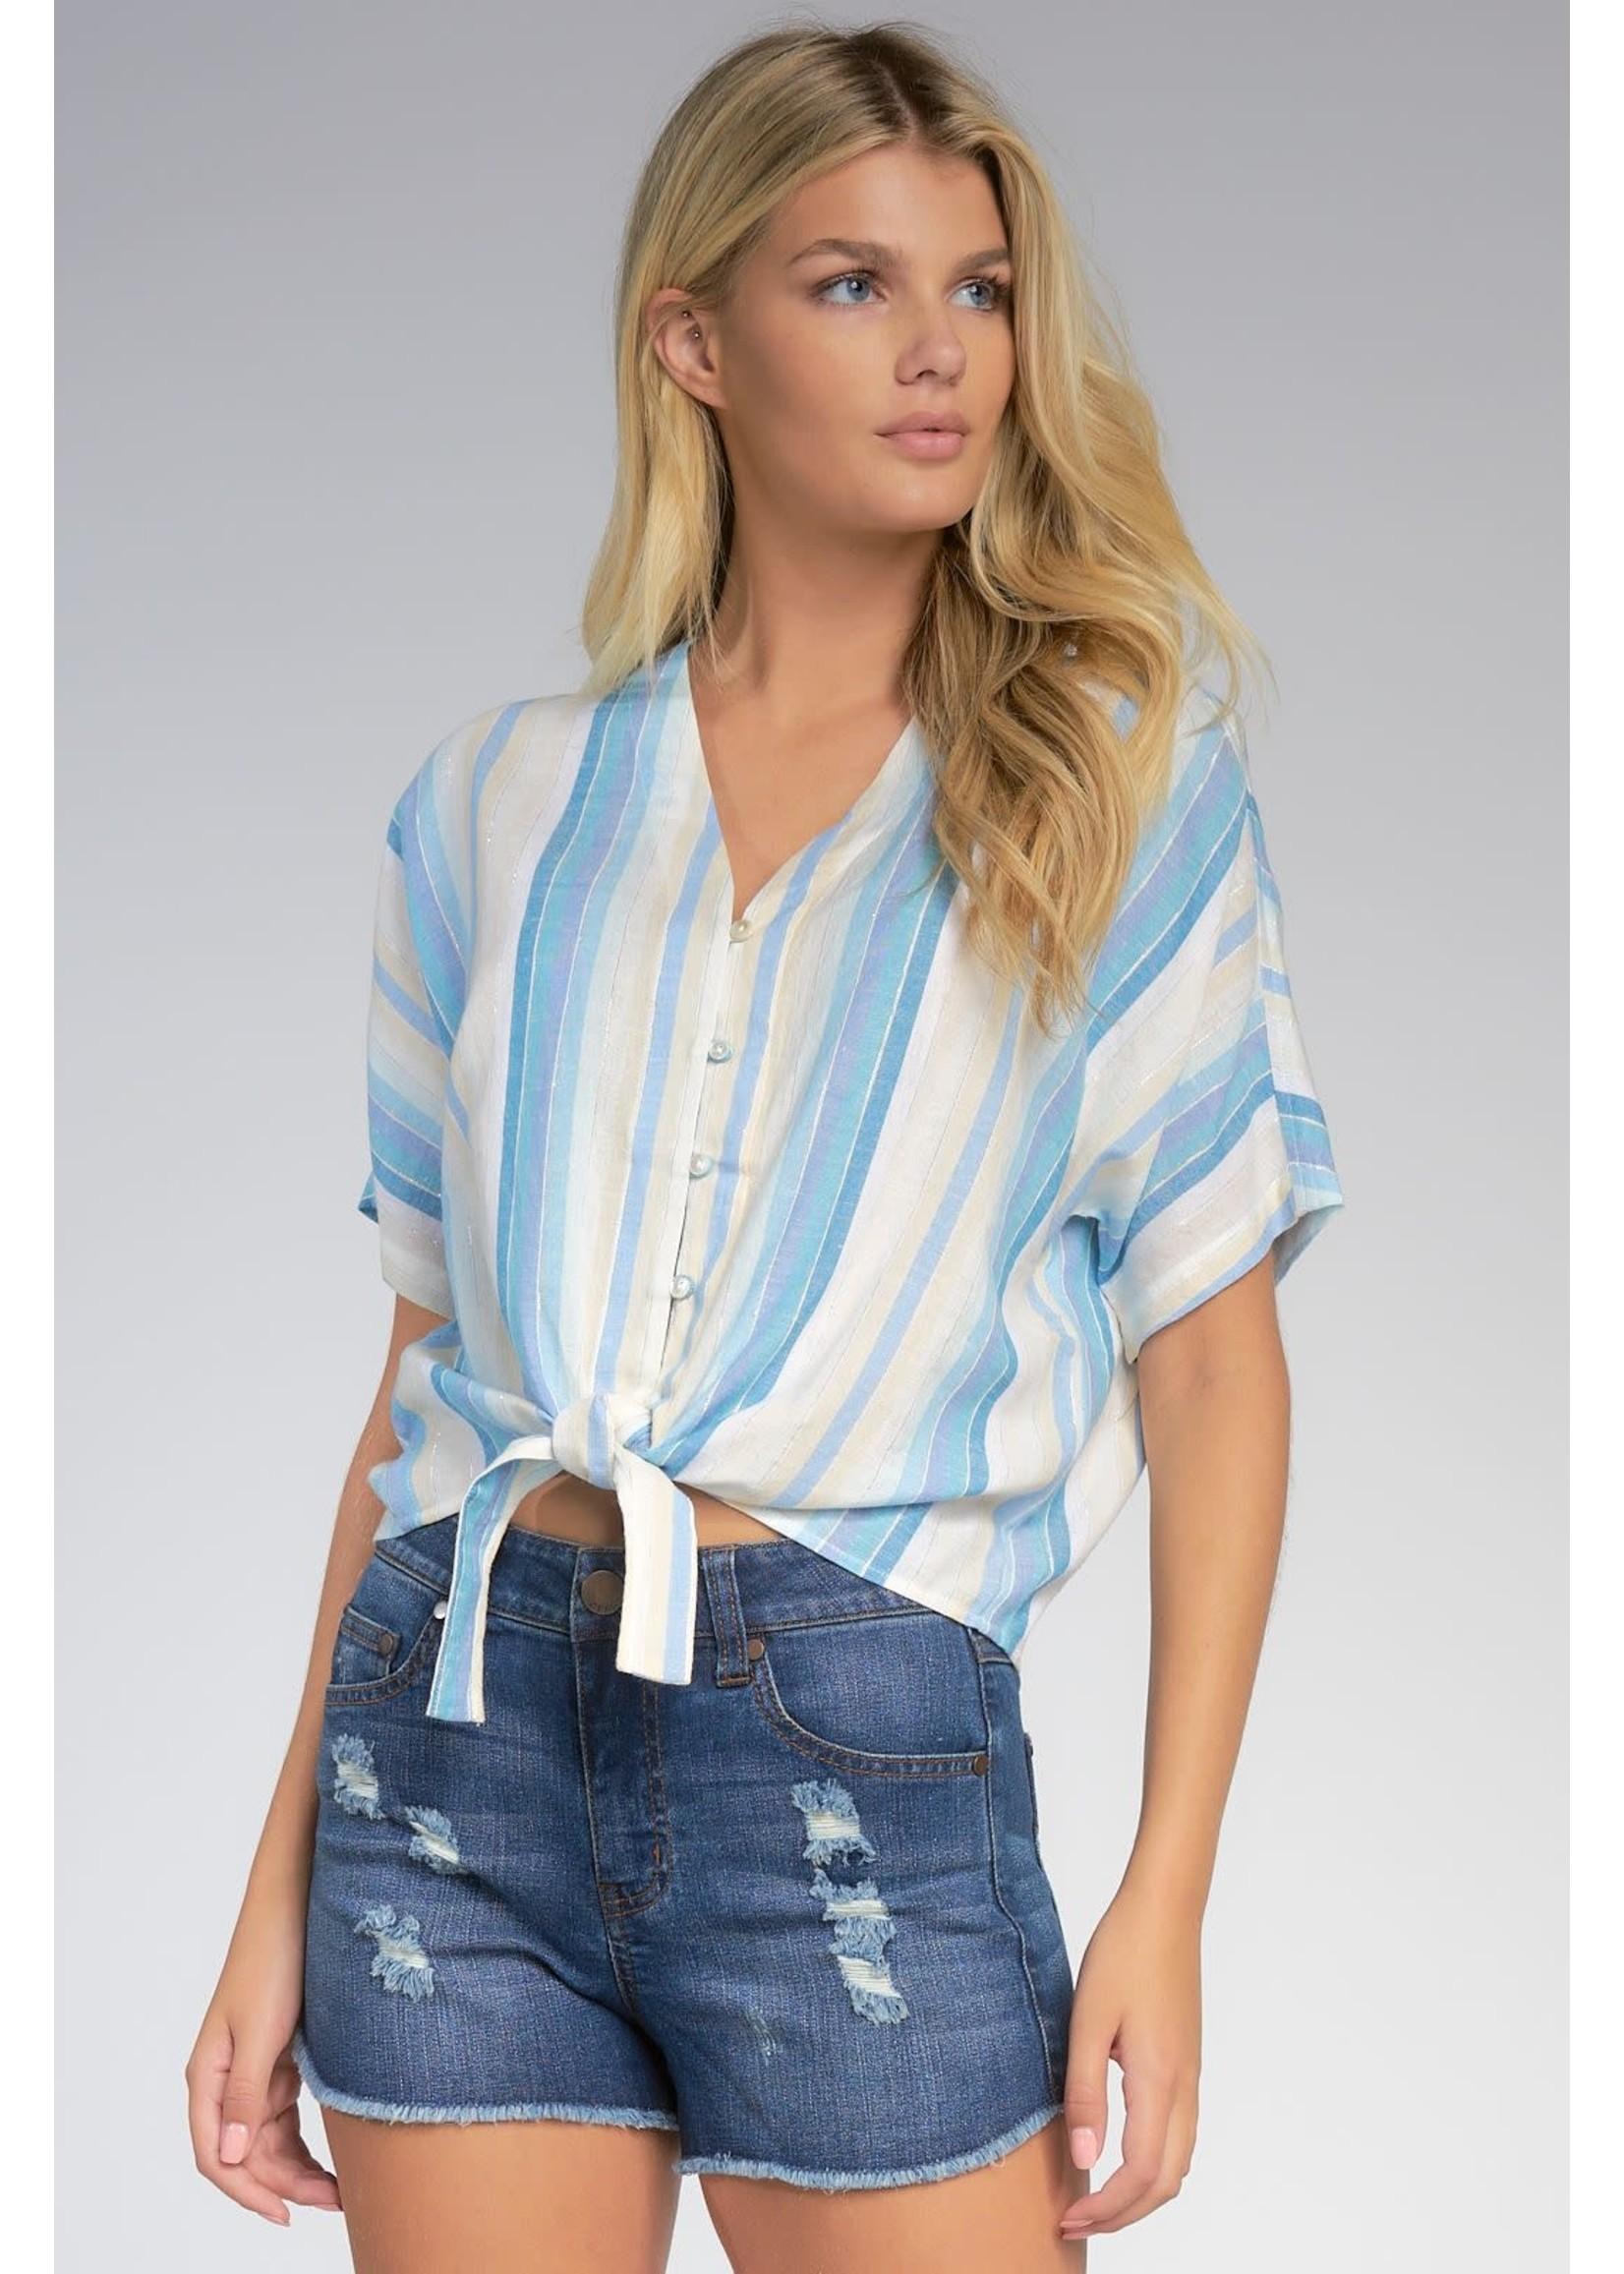 Elan Blue Stripe Top